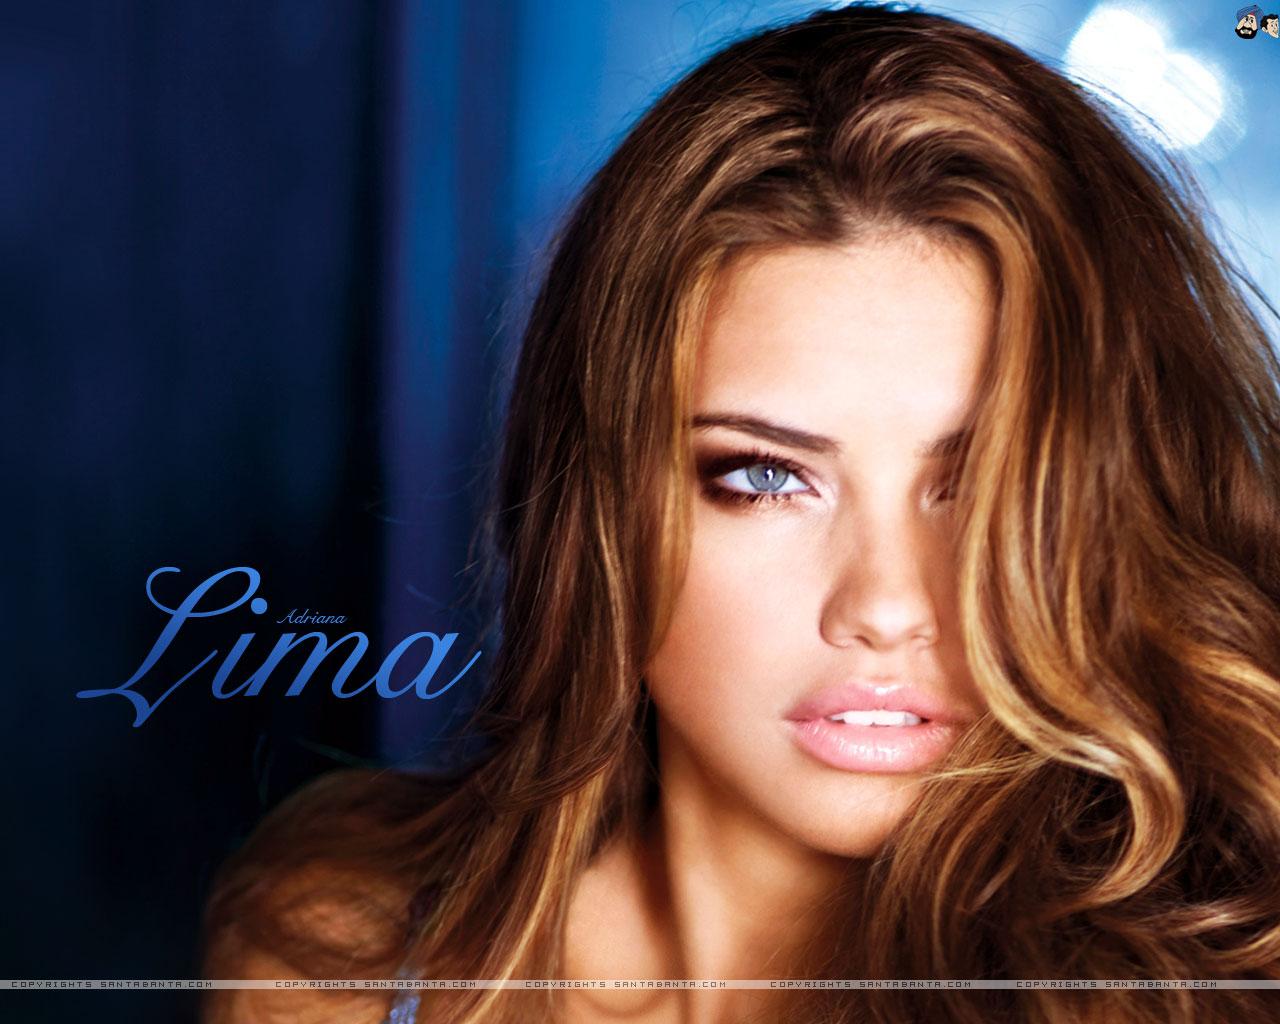 Adriana Lima 4 Background